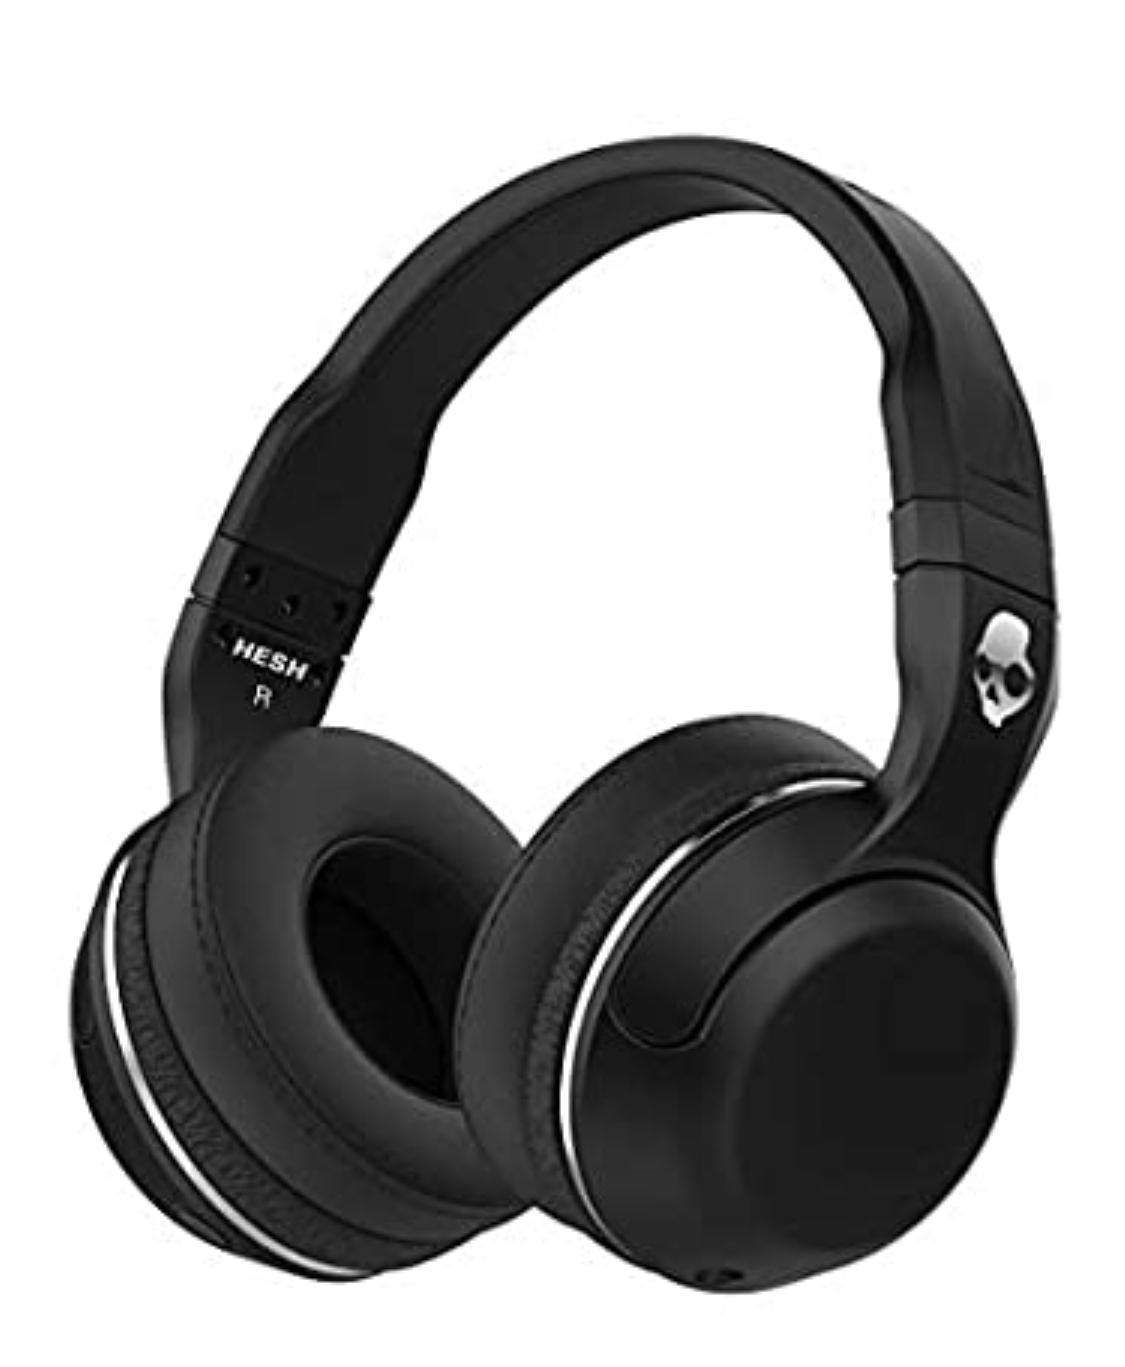 Sound quality of skullcandy Hesh2 wireless